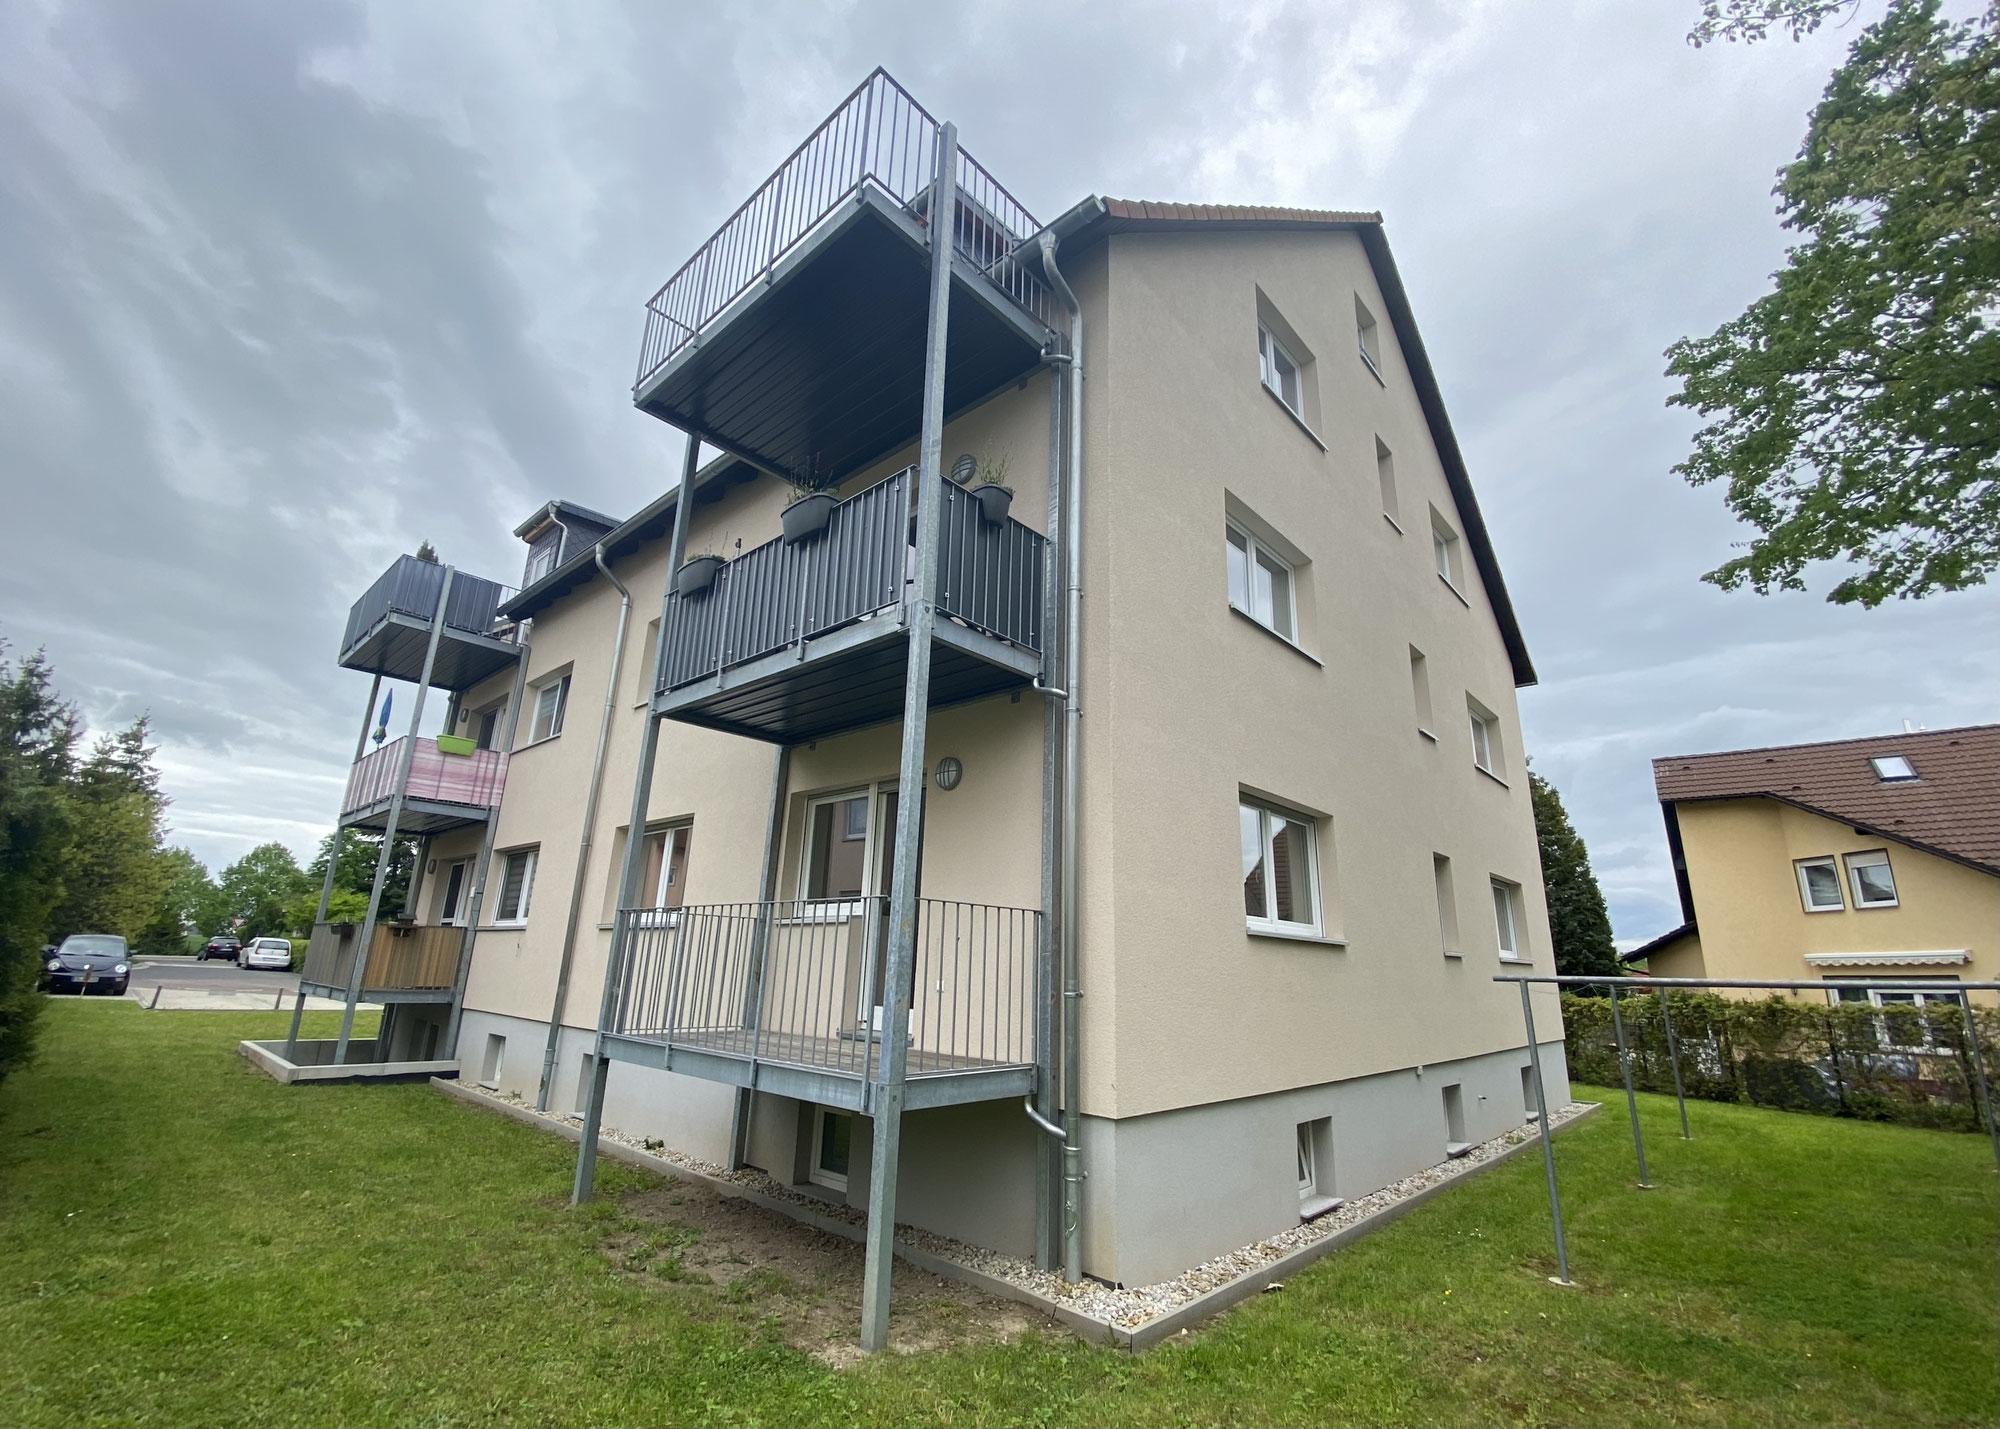 Ankauf eines Mehrfamilienhauses in Rossau